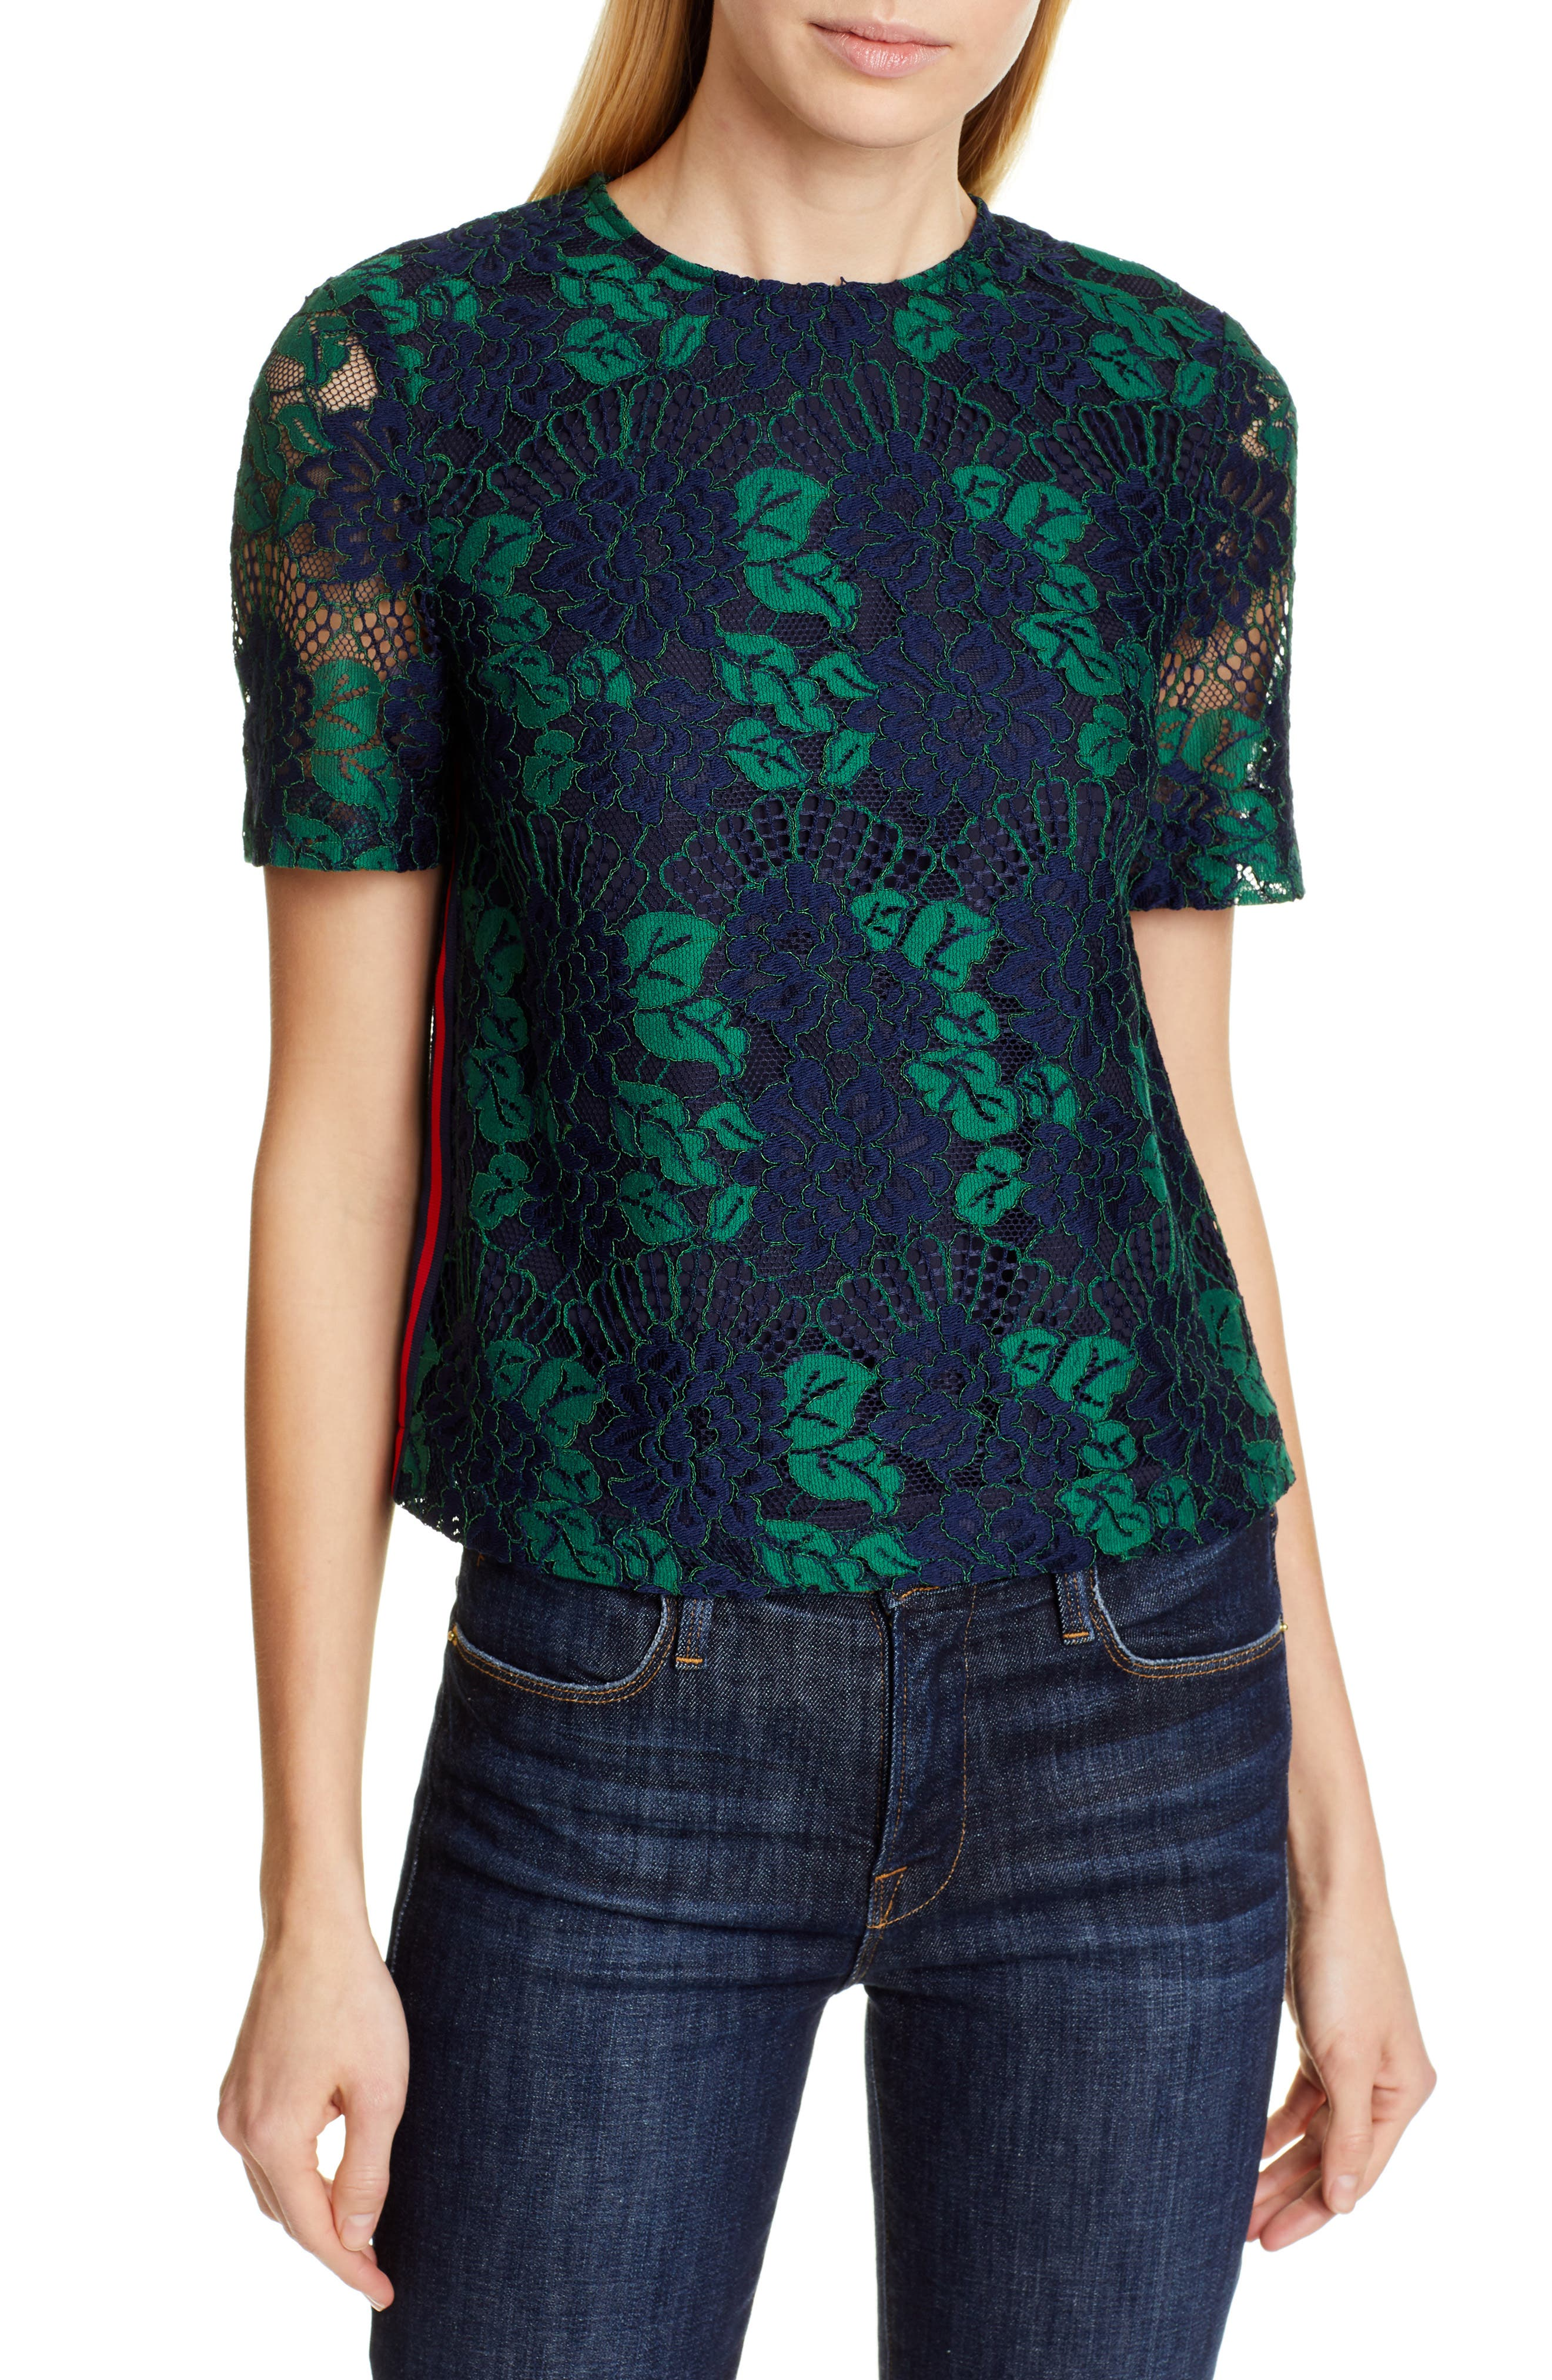 f9e1d5883fef Ted Baker London Women s Clothing